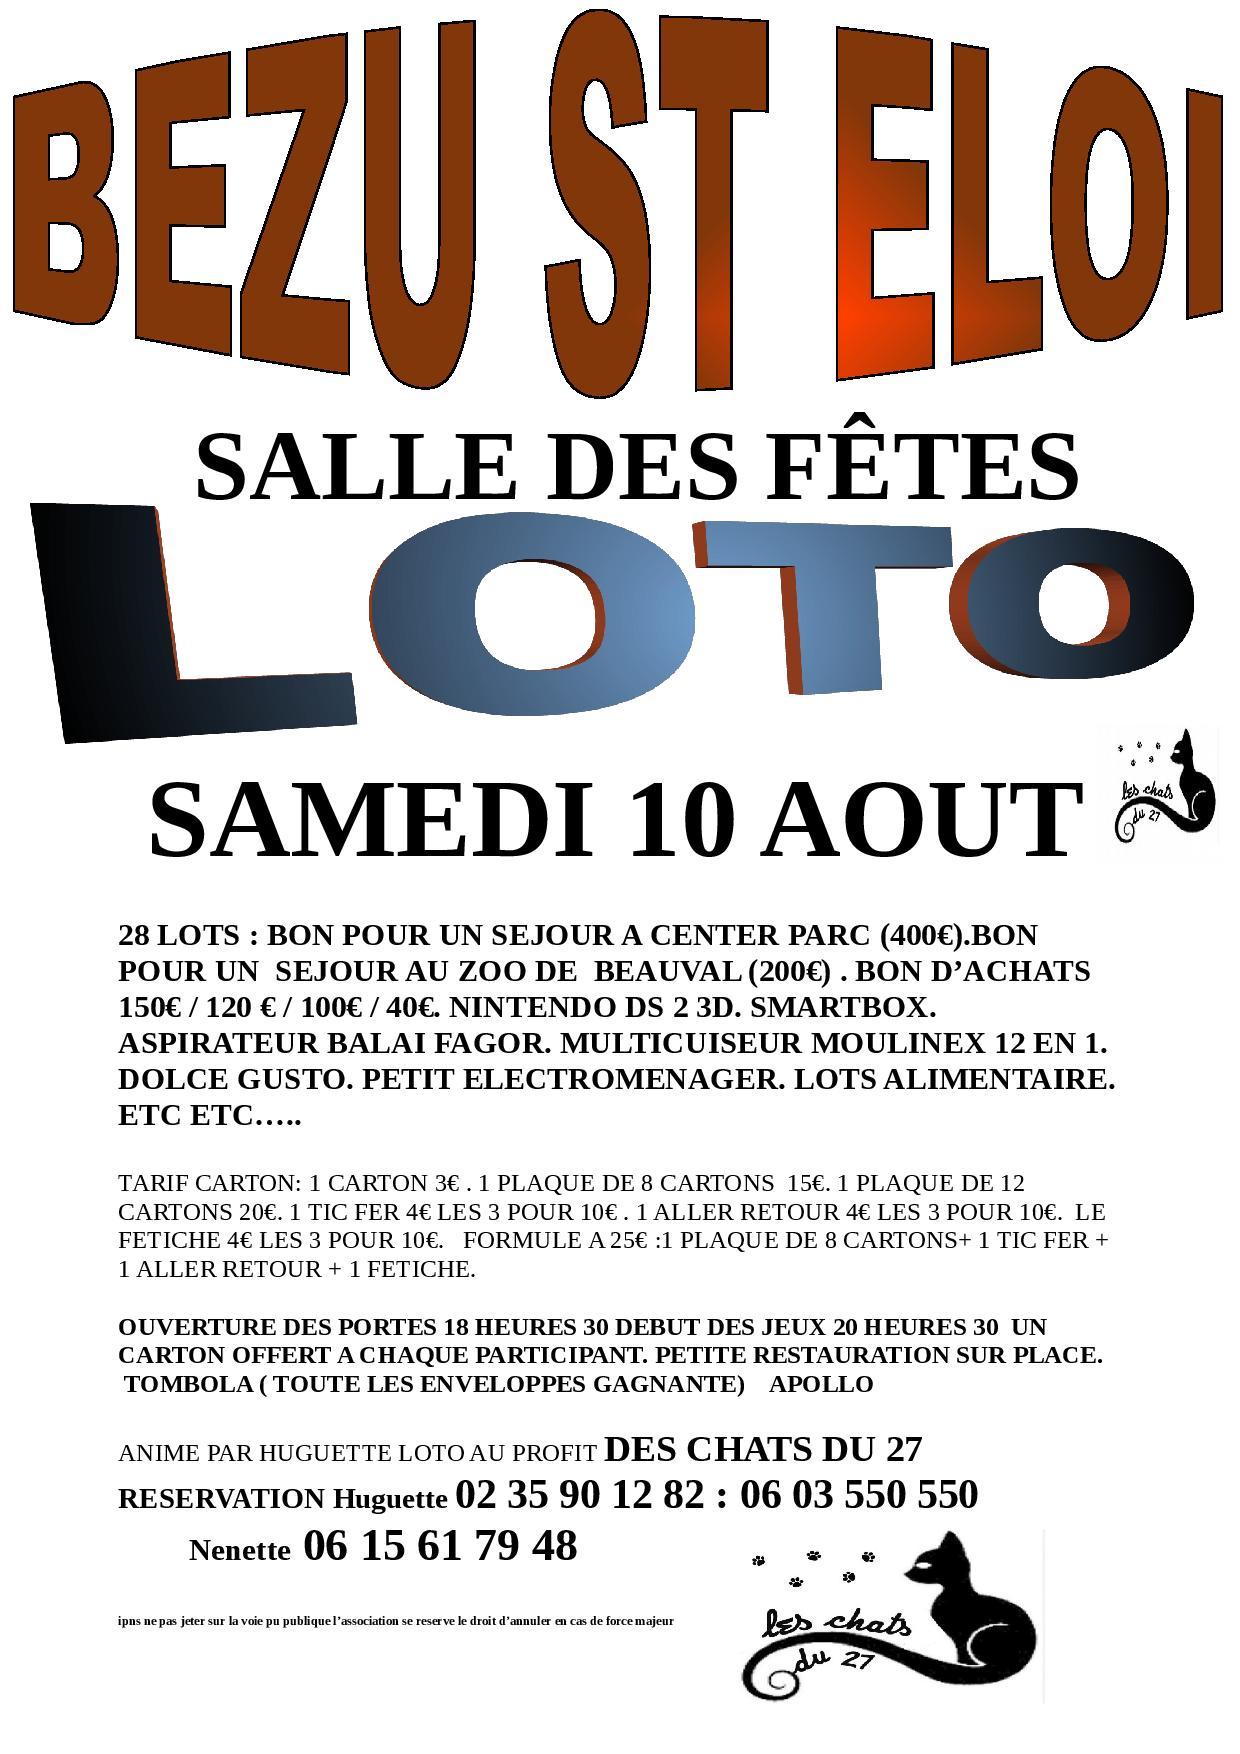 Grand Loto au profit des chats du 27 le samedi 10 août 2019 à Bezu Saint Eloi